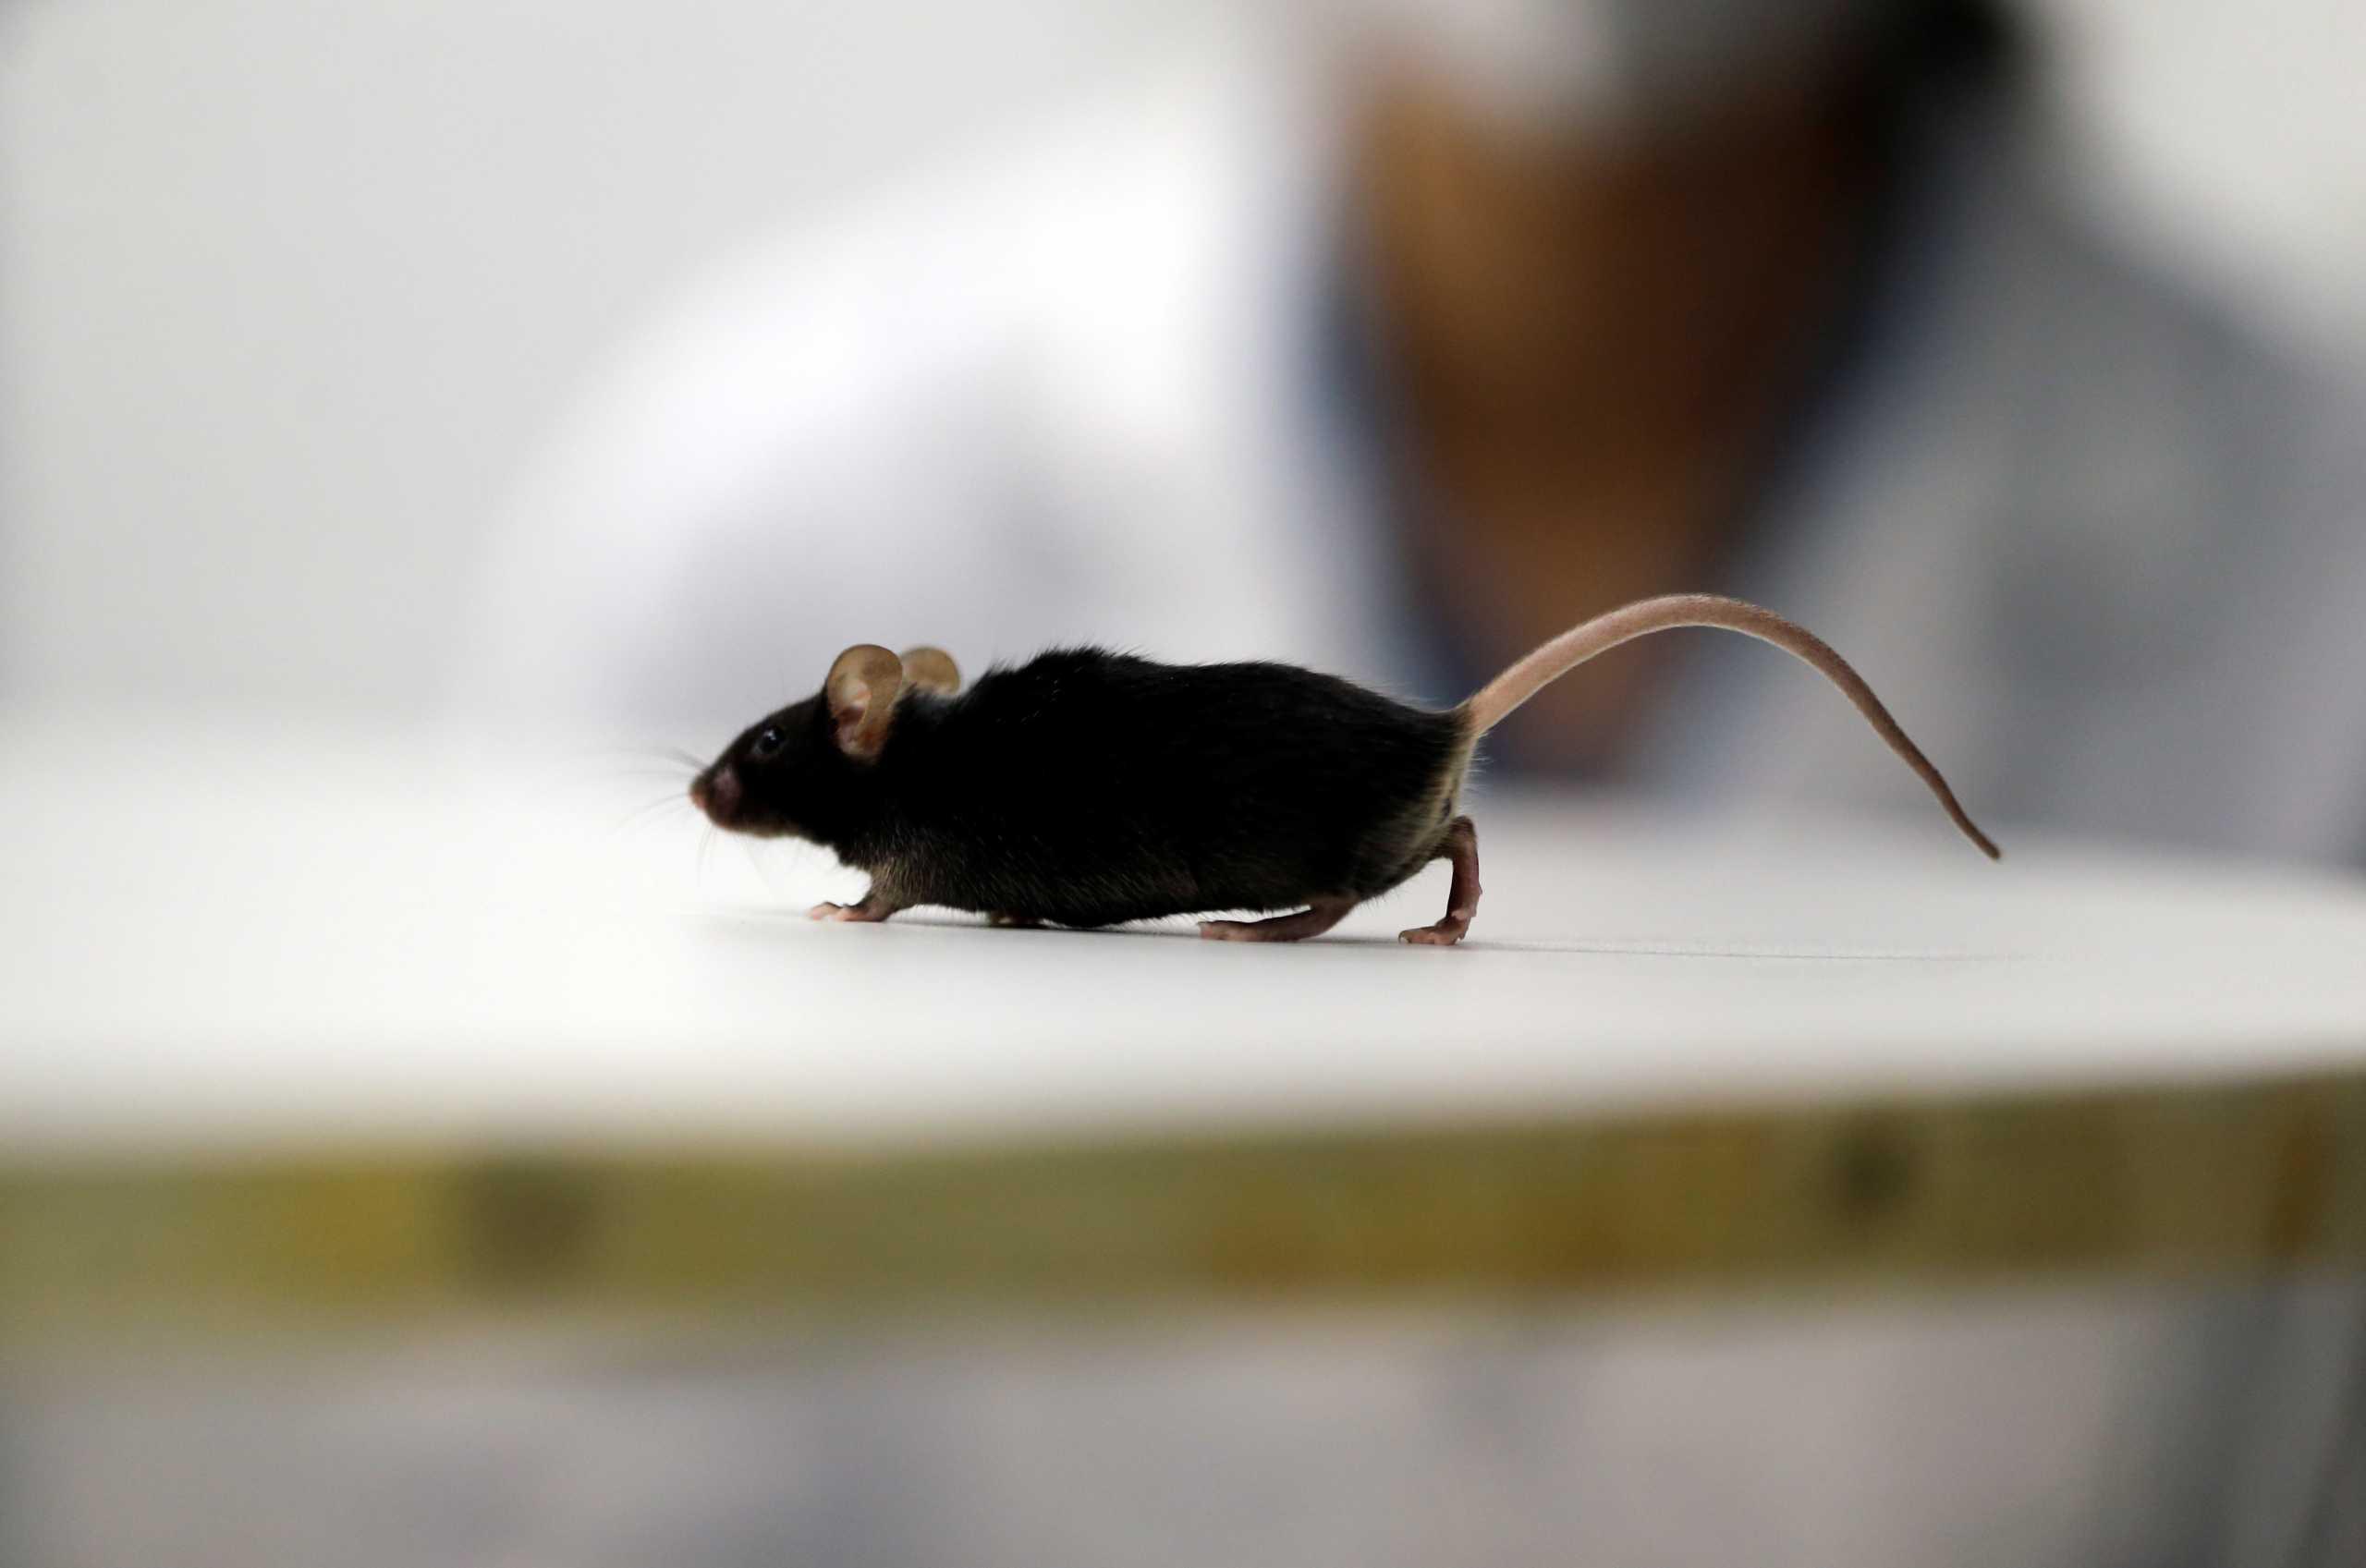 Παράλυτα ποντίκια περπάτησαν χάρη σε πρωτοποριακή θεραπεία